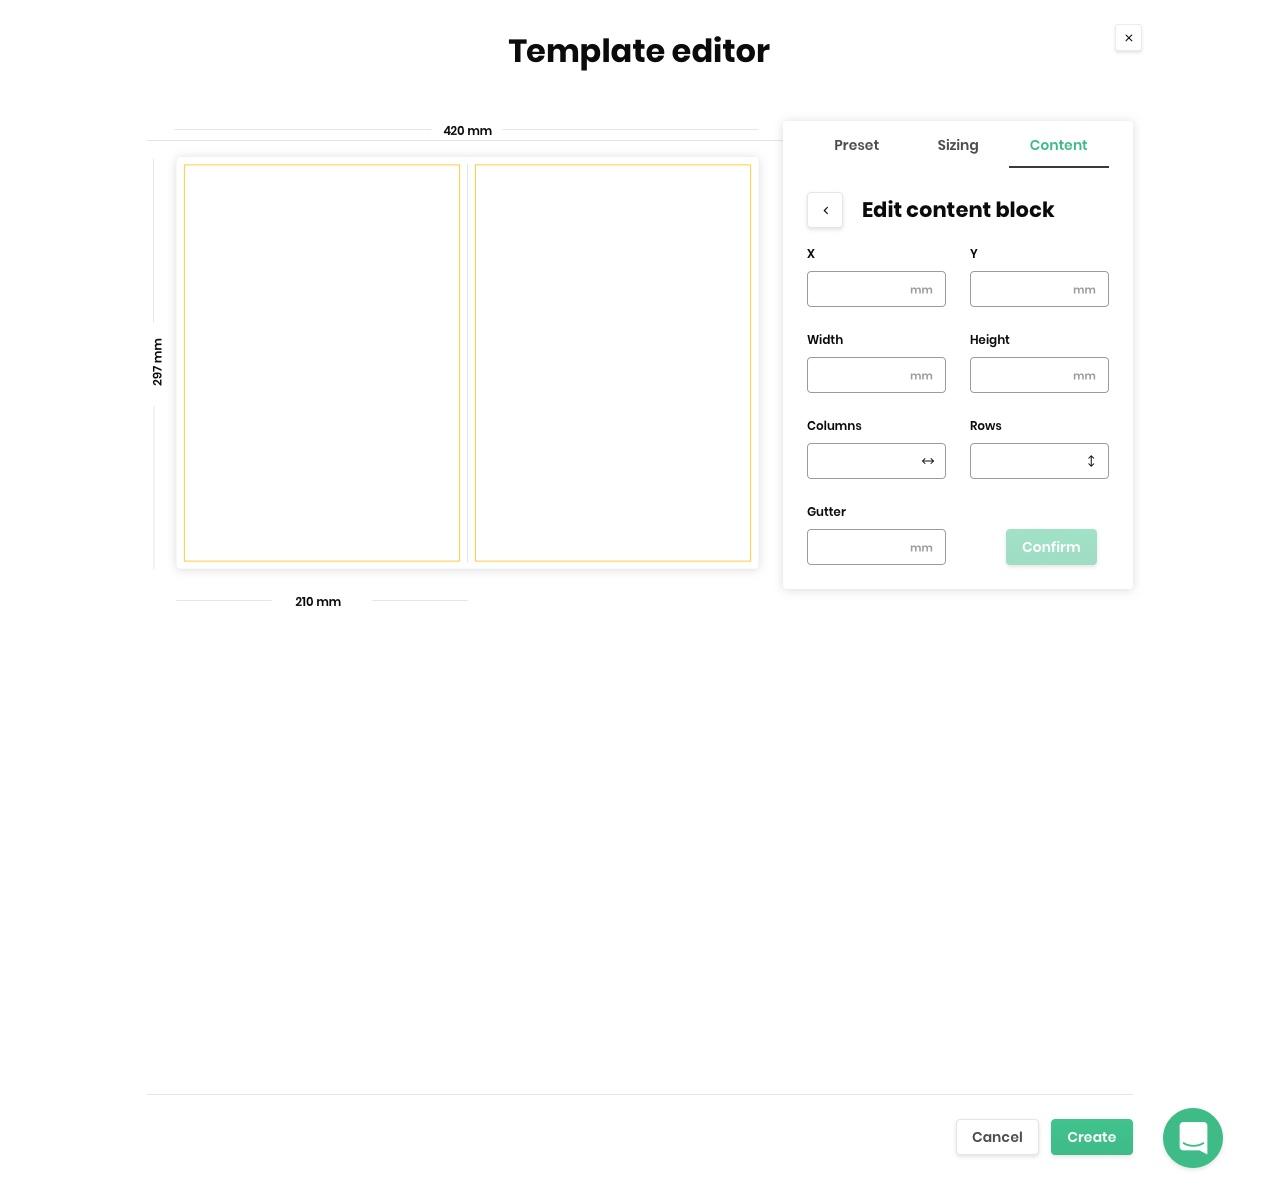 2.-Template-editor-confirm-button